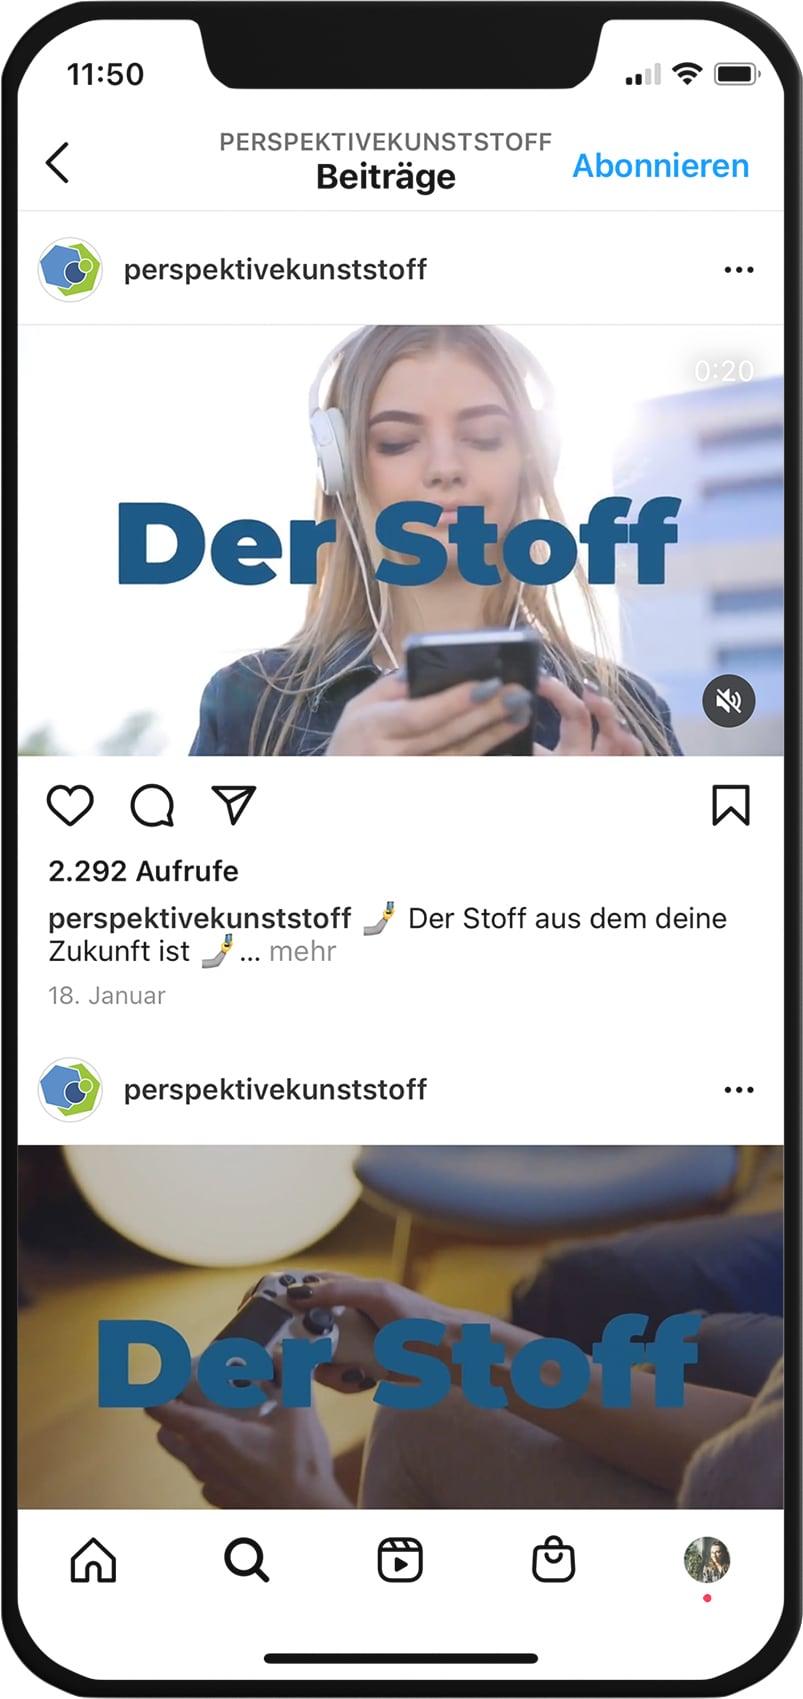 Video auf Instagram Feed